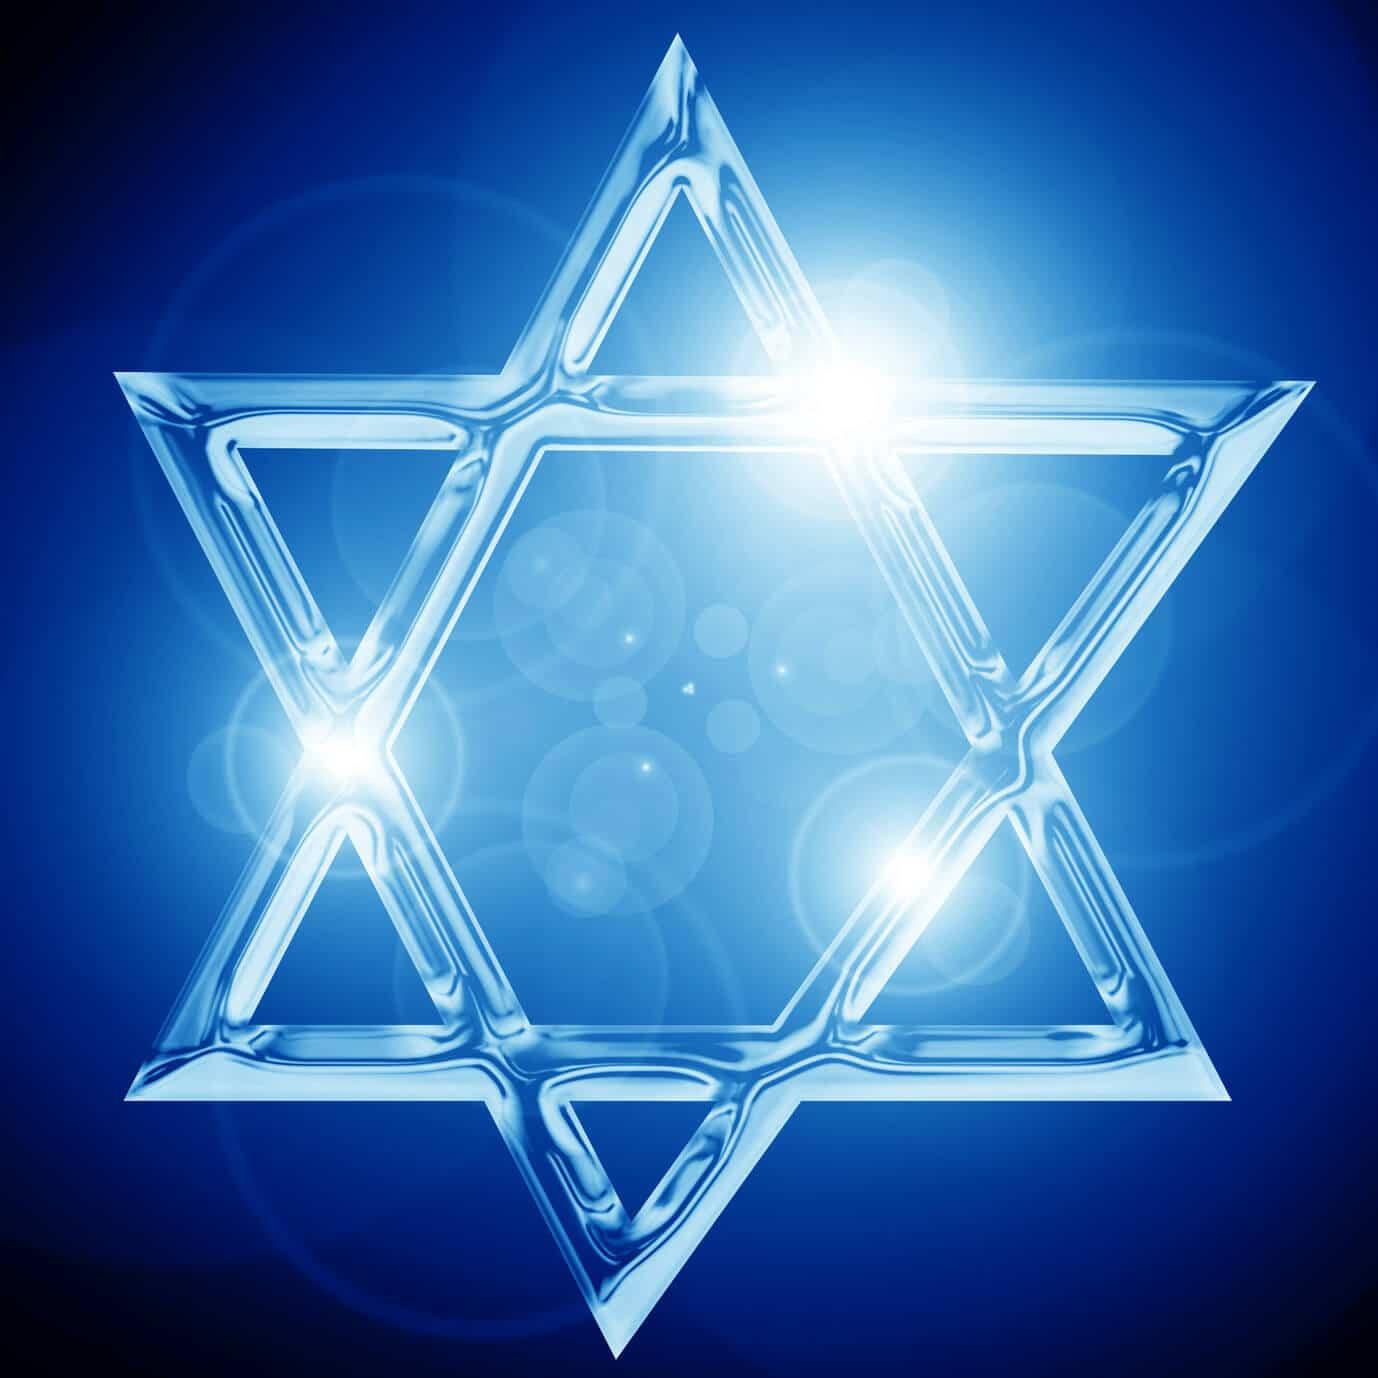 Estrella De David Significado Origen Para Qué Sirve Y Más